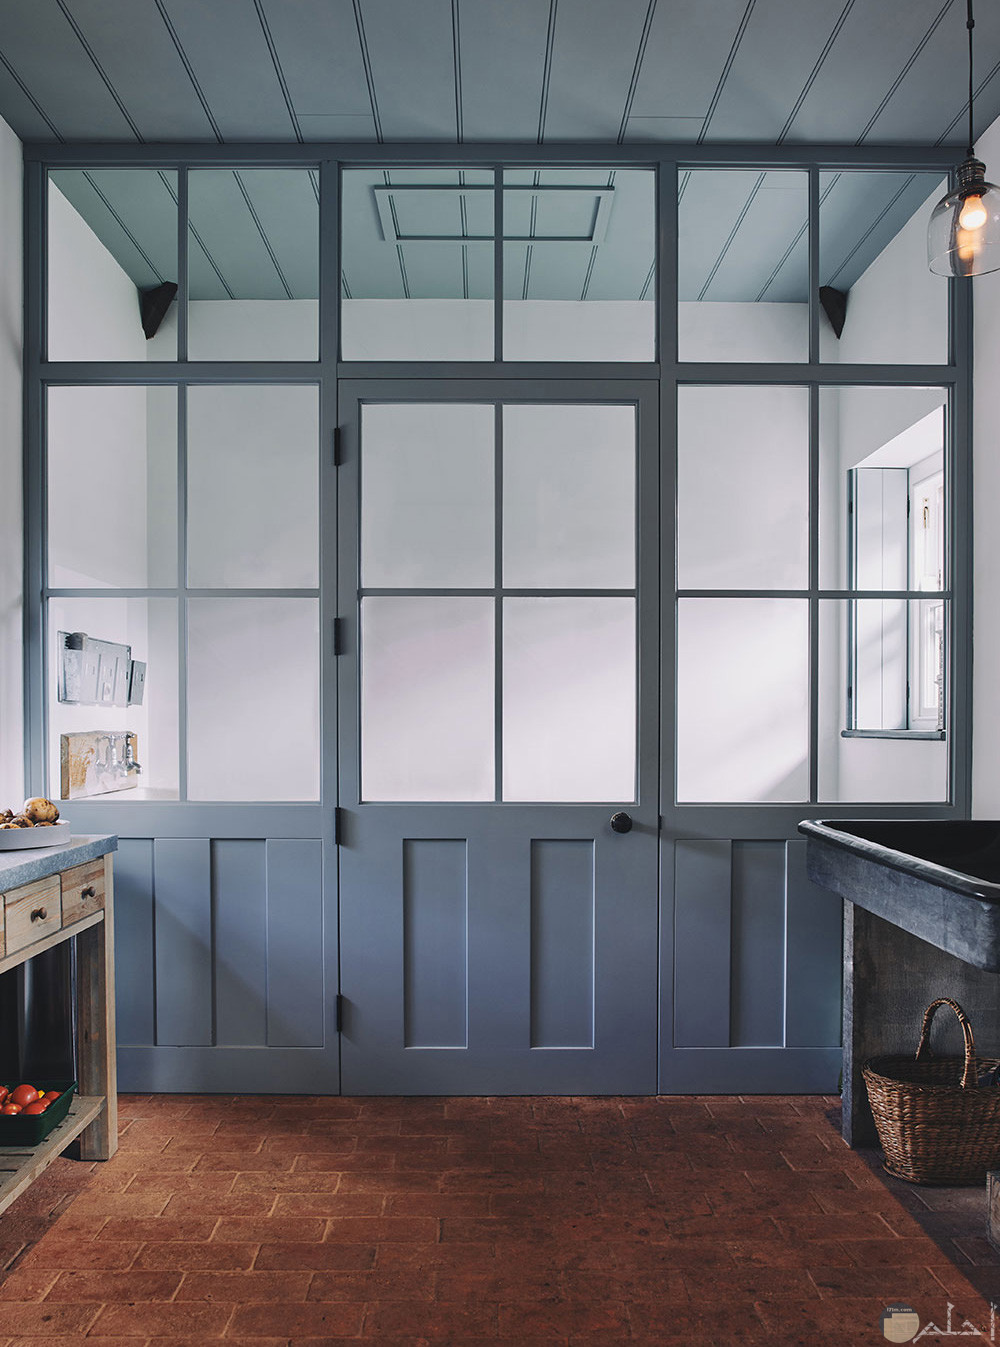 باب مطبخ خشب لونة رصاصى وبه زجاج